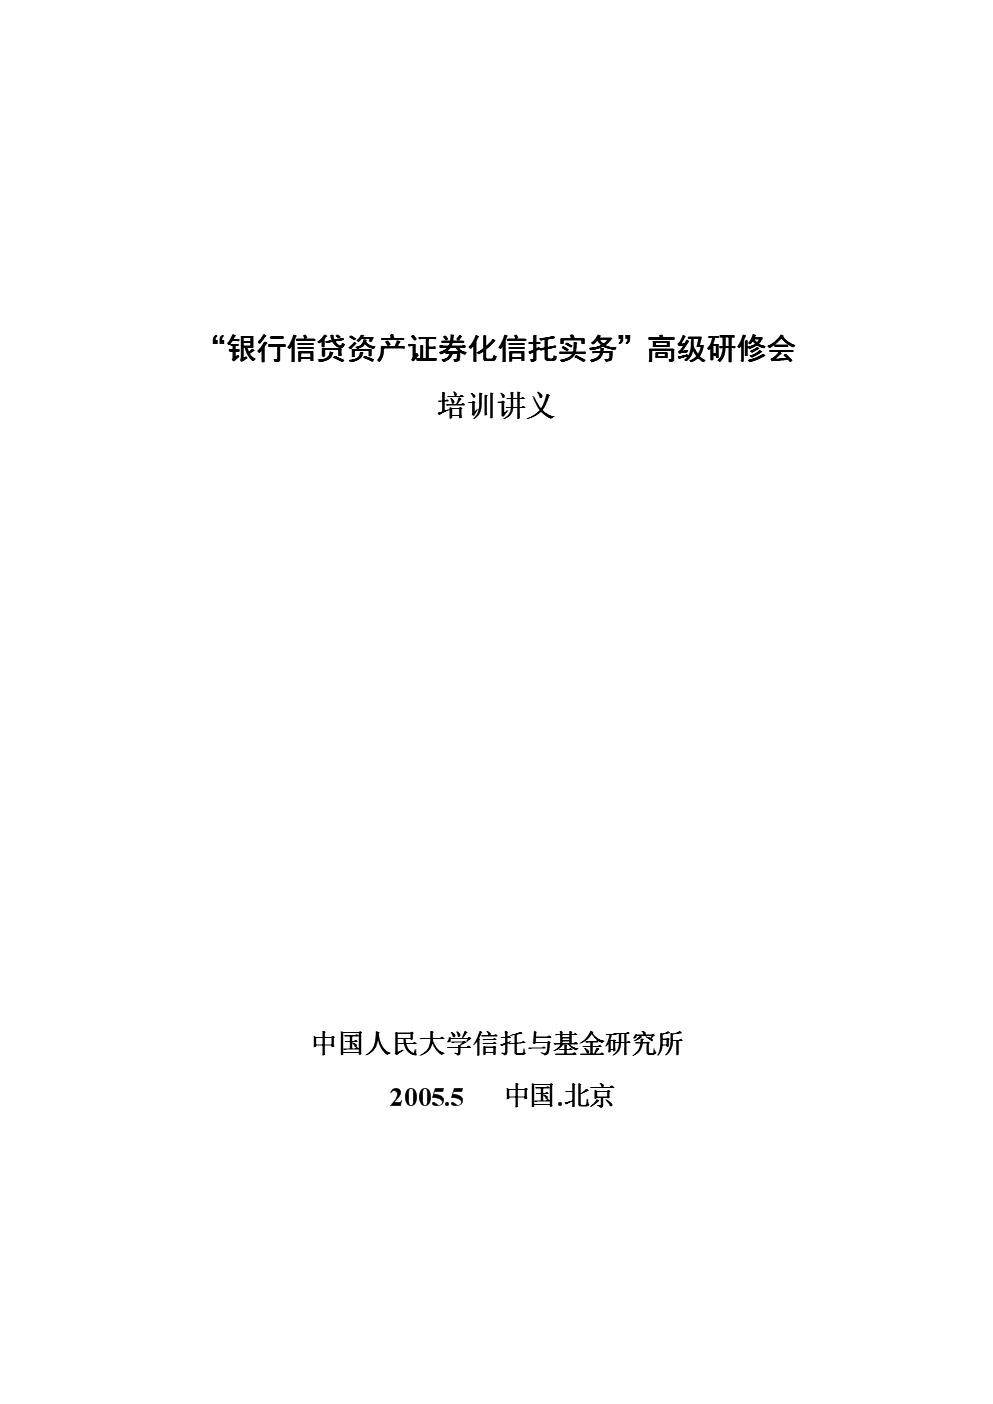 银行信贷资产实务培训讲义.doc